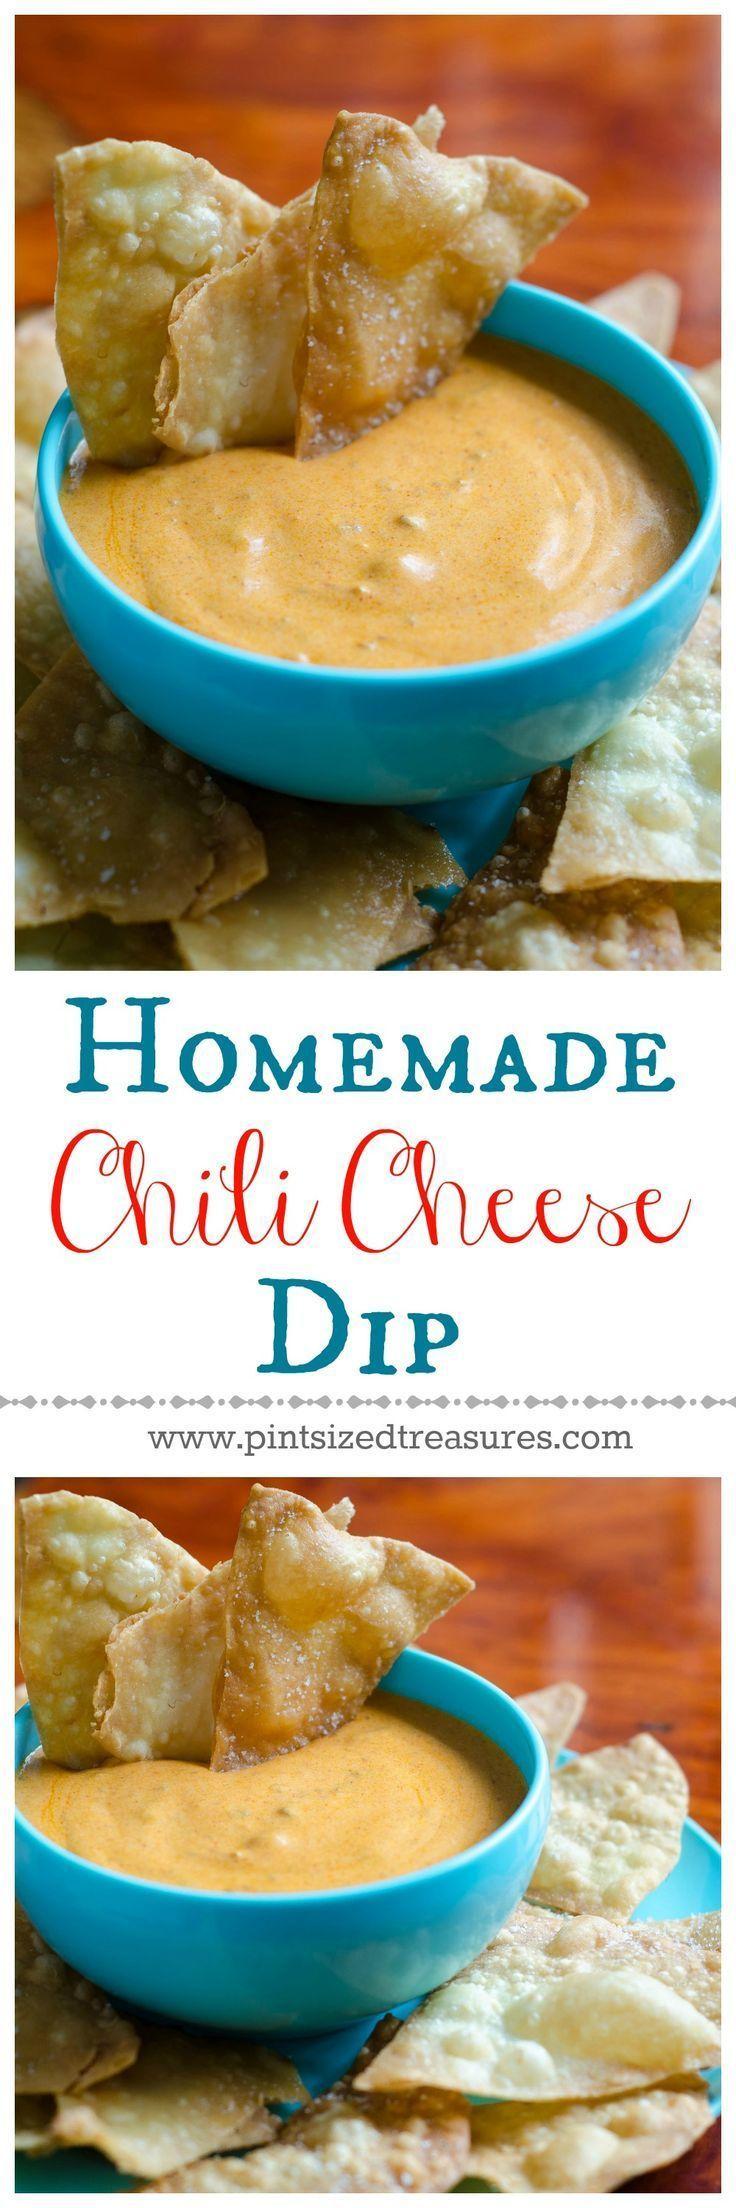 Homemade Chili Cheese Dip Recipe Chili cheese dips